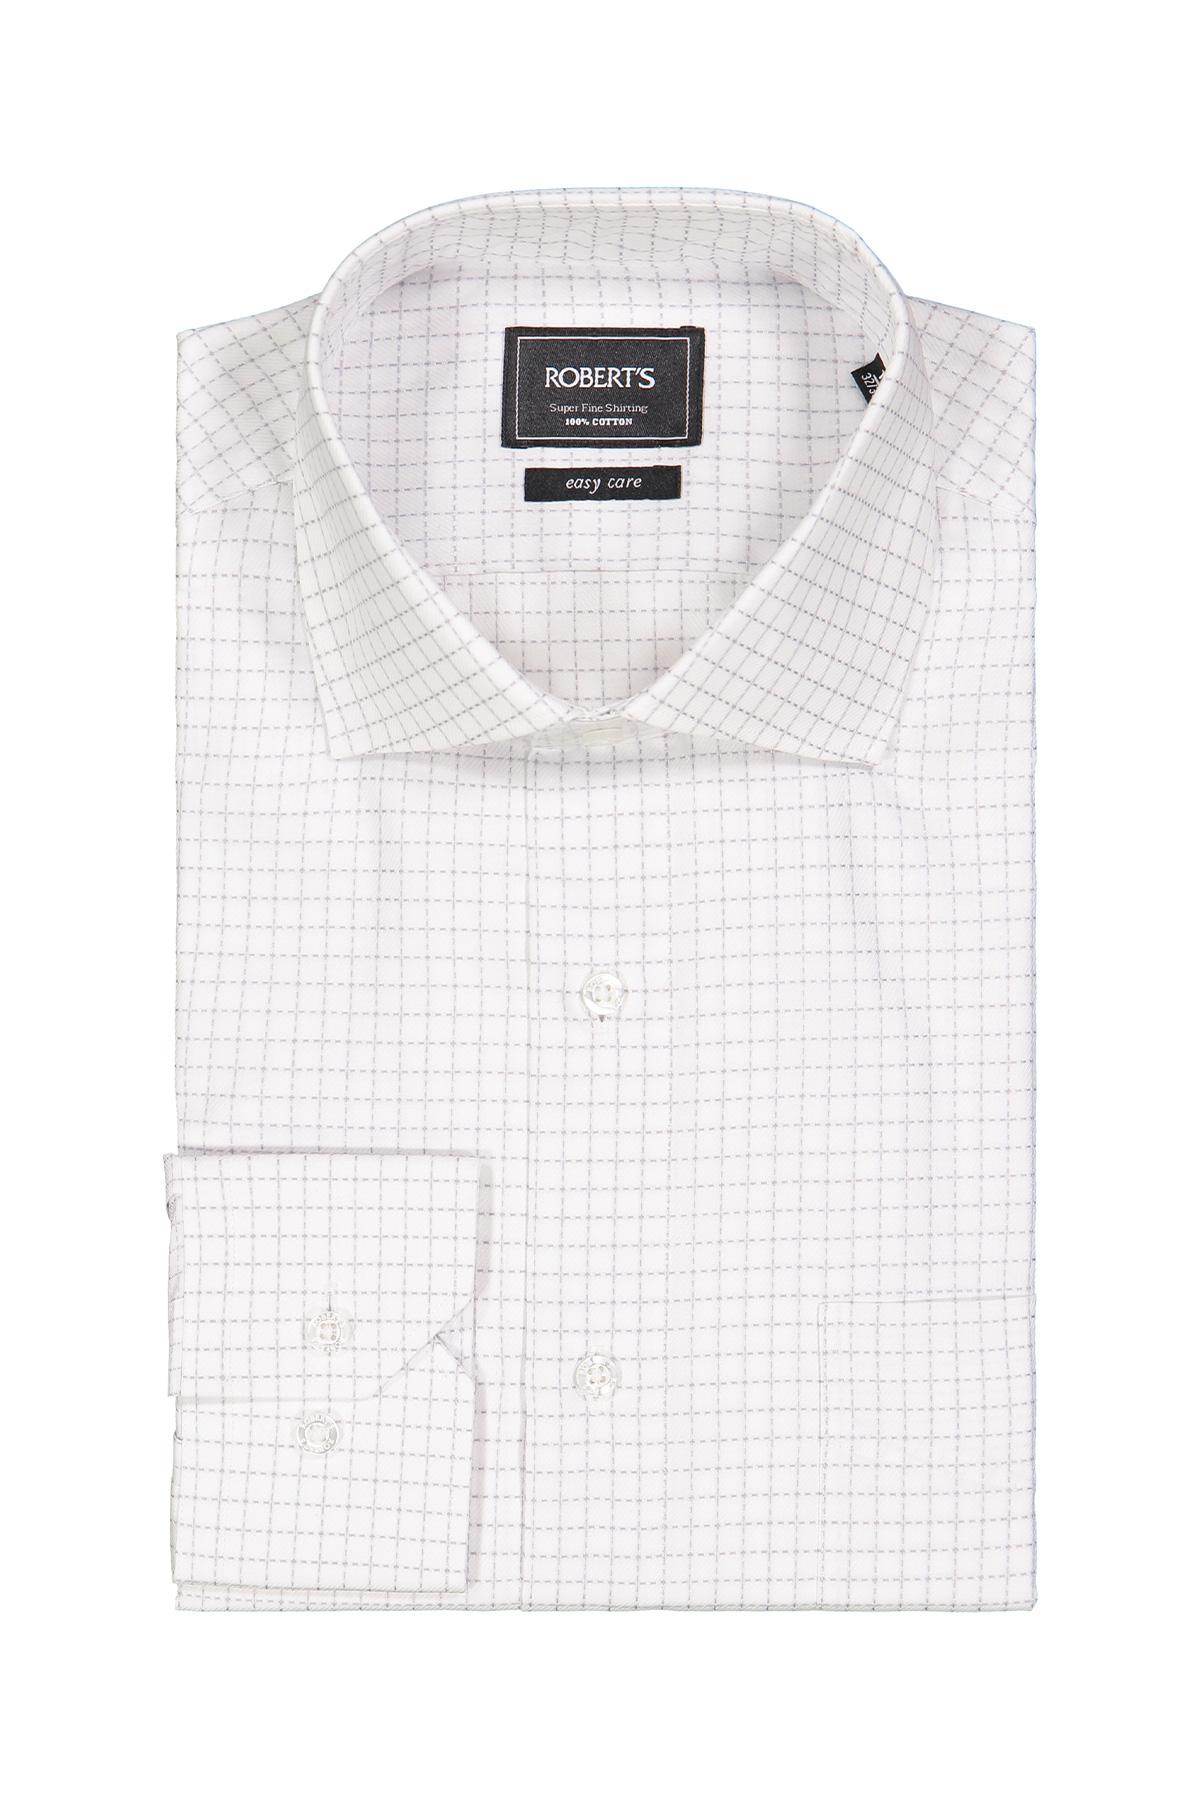 Camisa Robert´s, Easy Care, blanca con cuadros gris, puño simple.